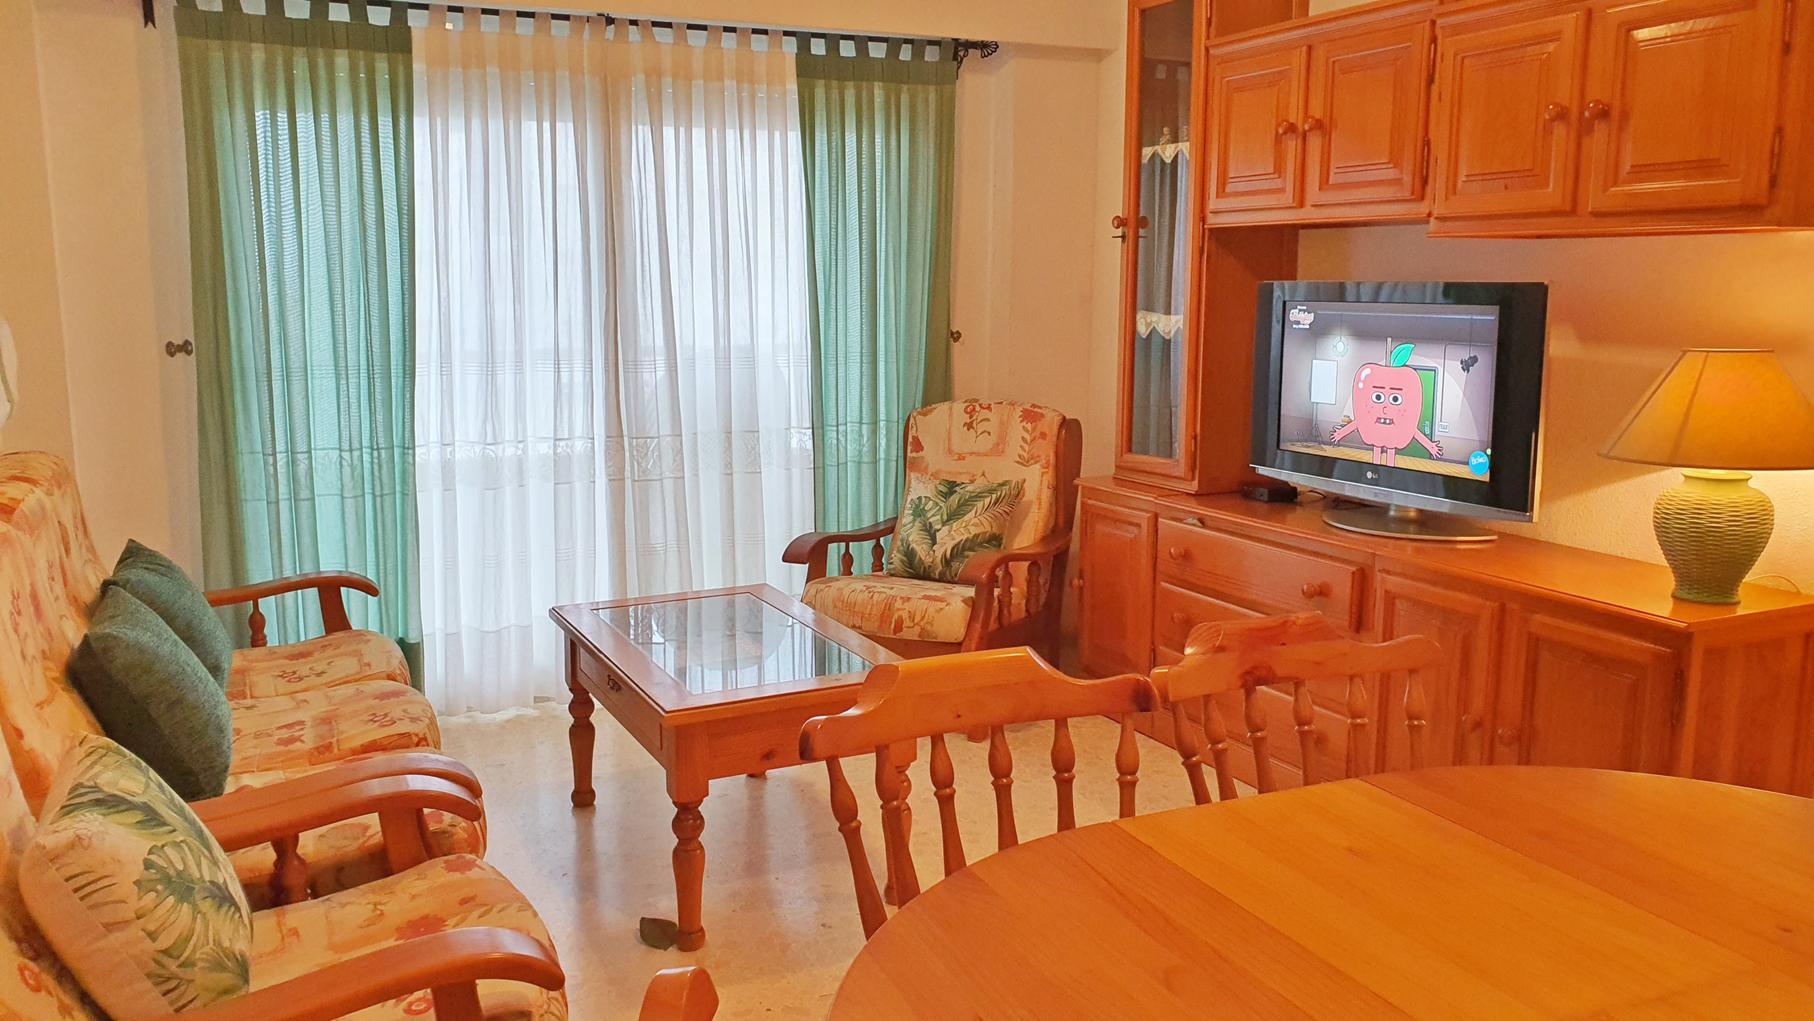 Appartement -                                       Gandia -                                       3 Schlafzimmer -                                       6 Personen